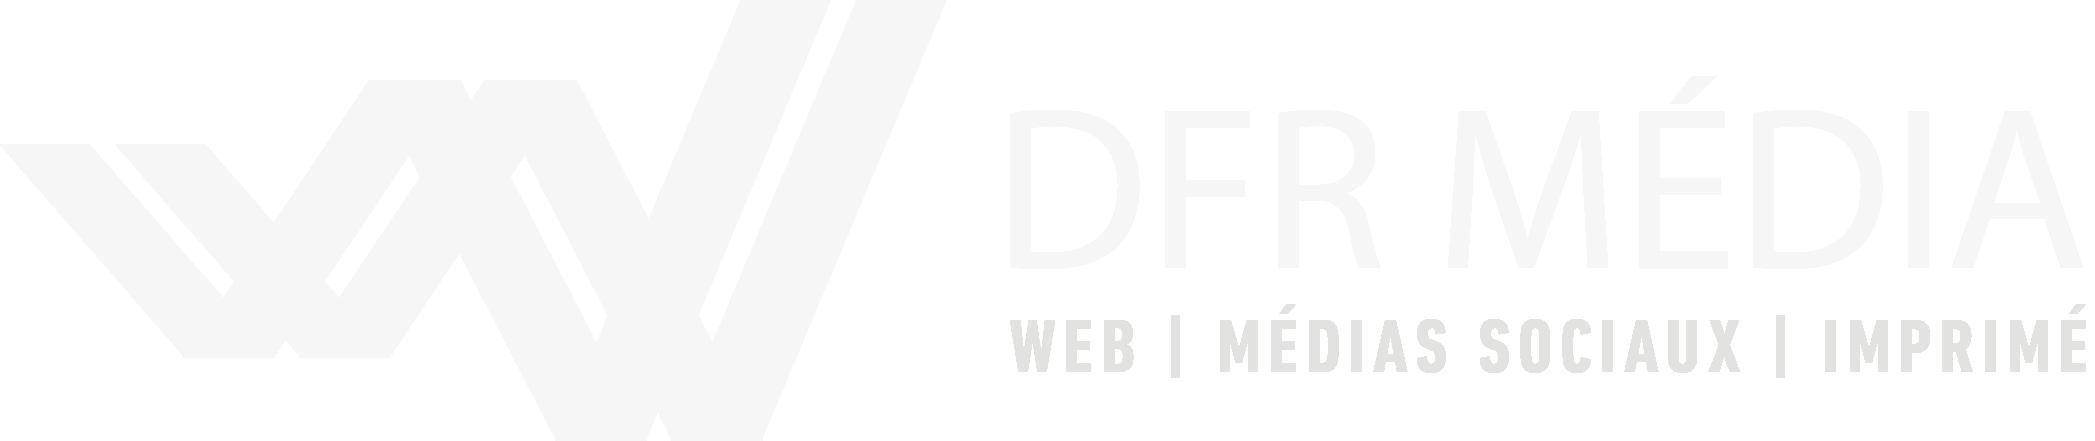 DFR Média